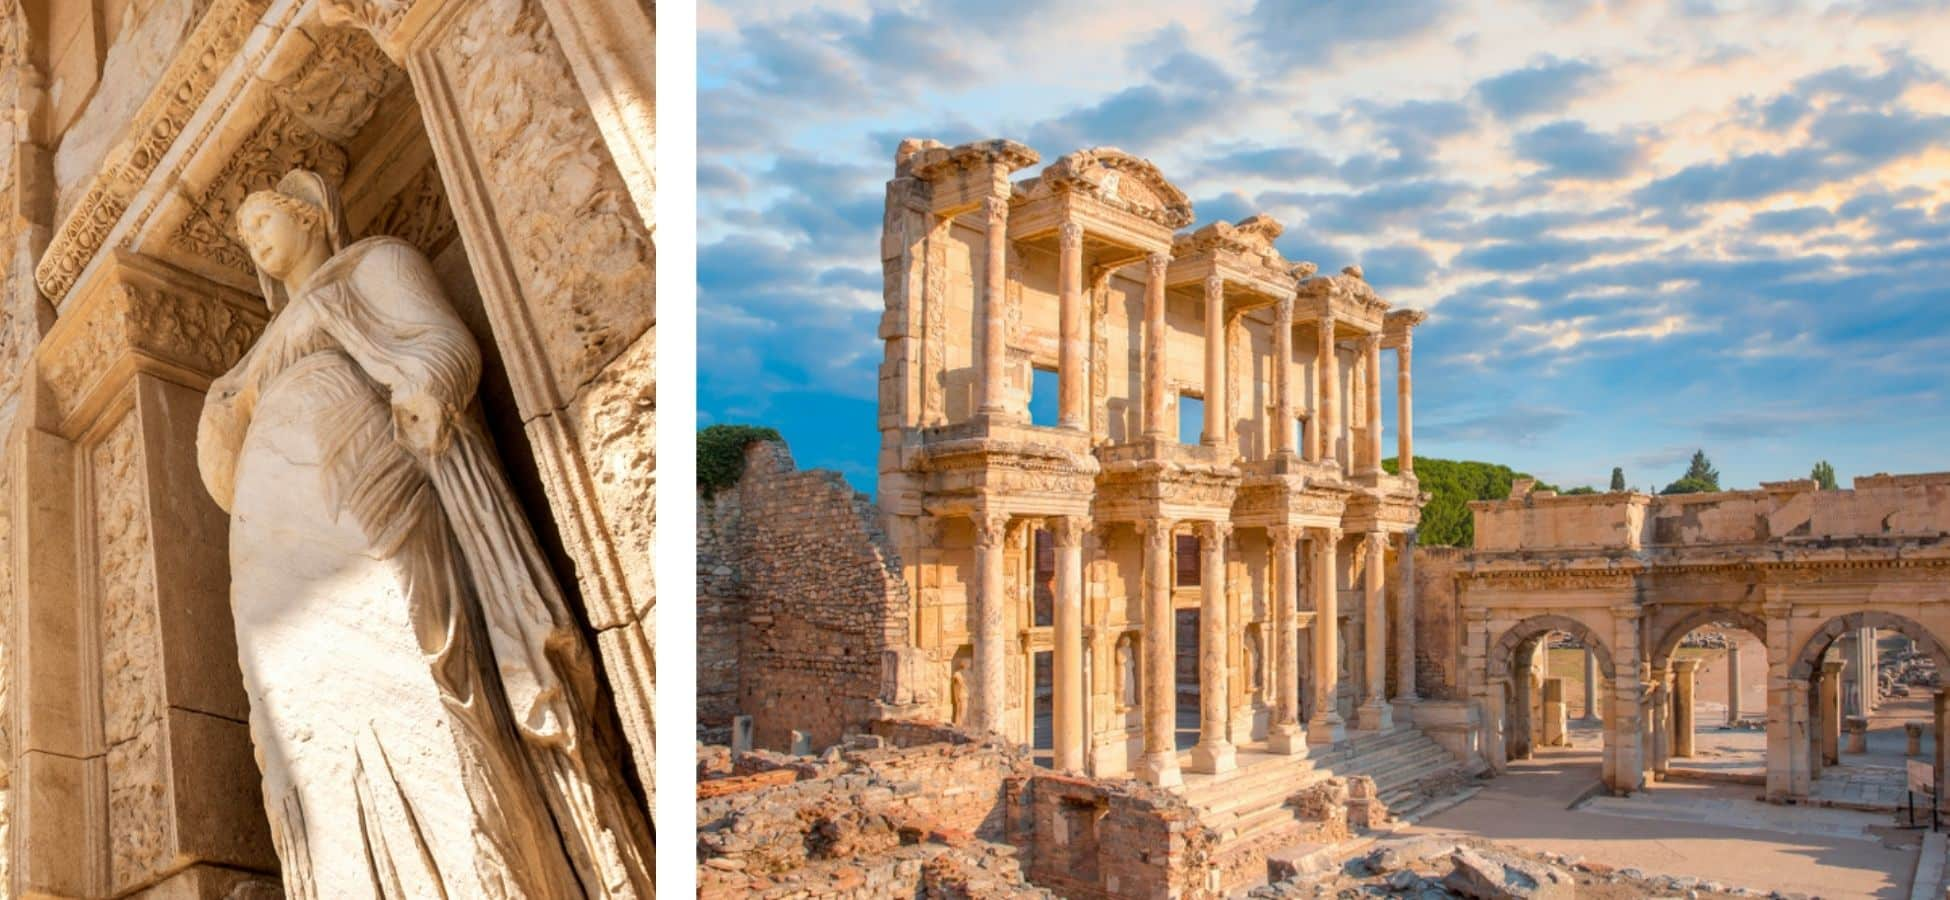 turquie-site-archeologique-ephese